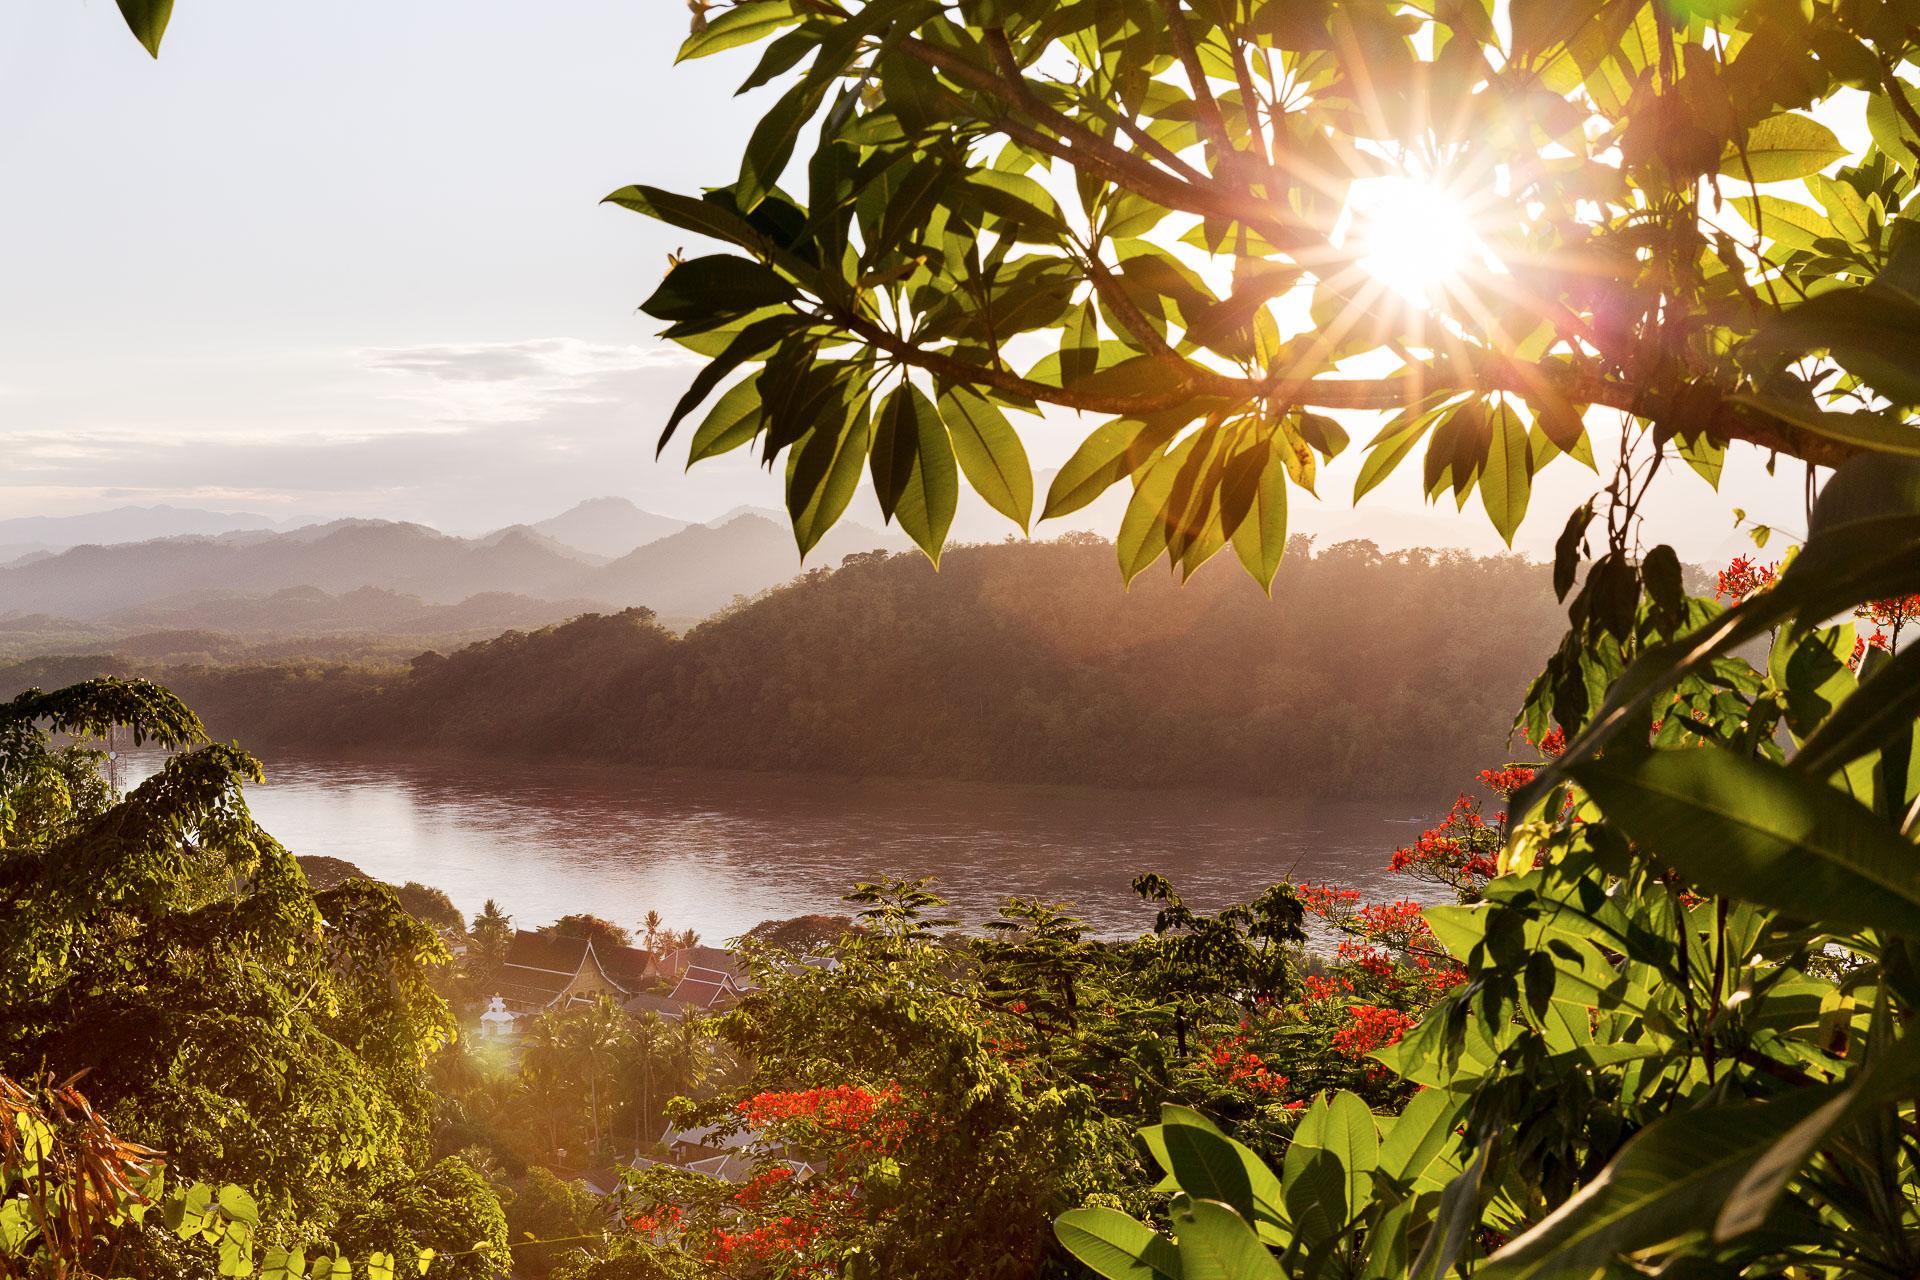 Die FOTOFÜCHSE Wunschorte. Die letzten Sonnenstrahlen über dem asiatischen Urwald und dem mächtigen Mekong in Luang Prabang am Mount Phousi genießen.